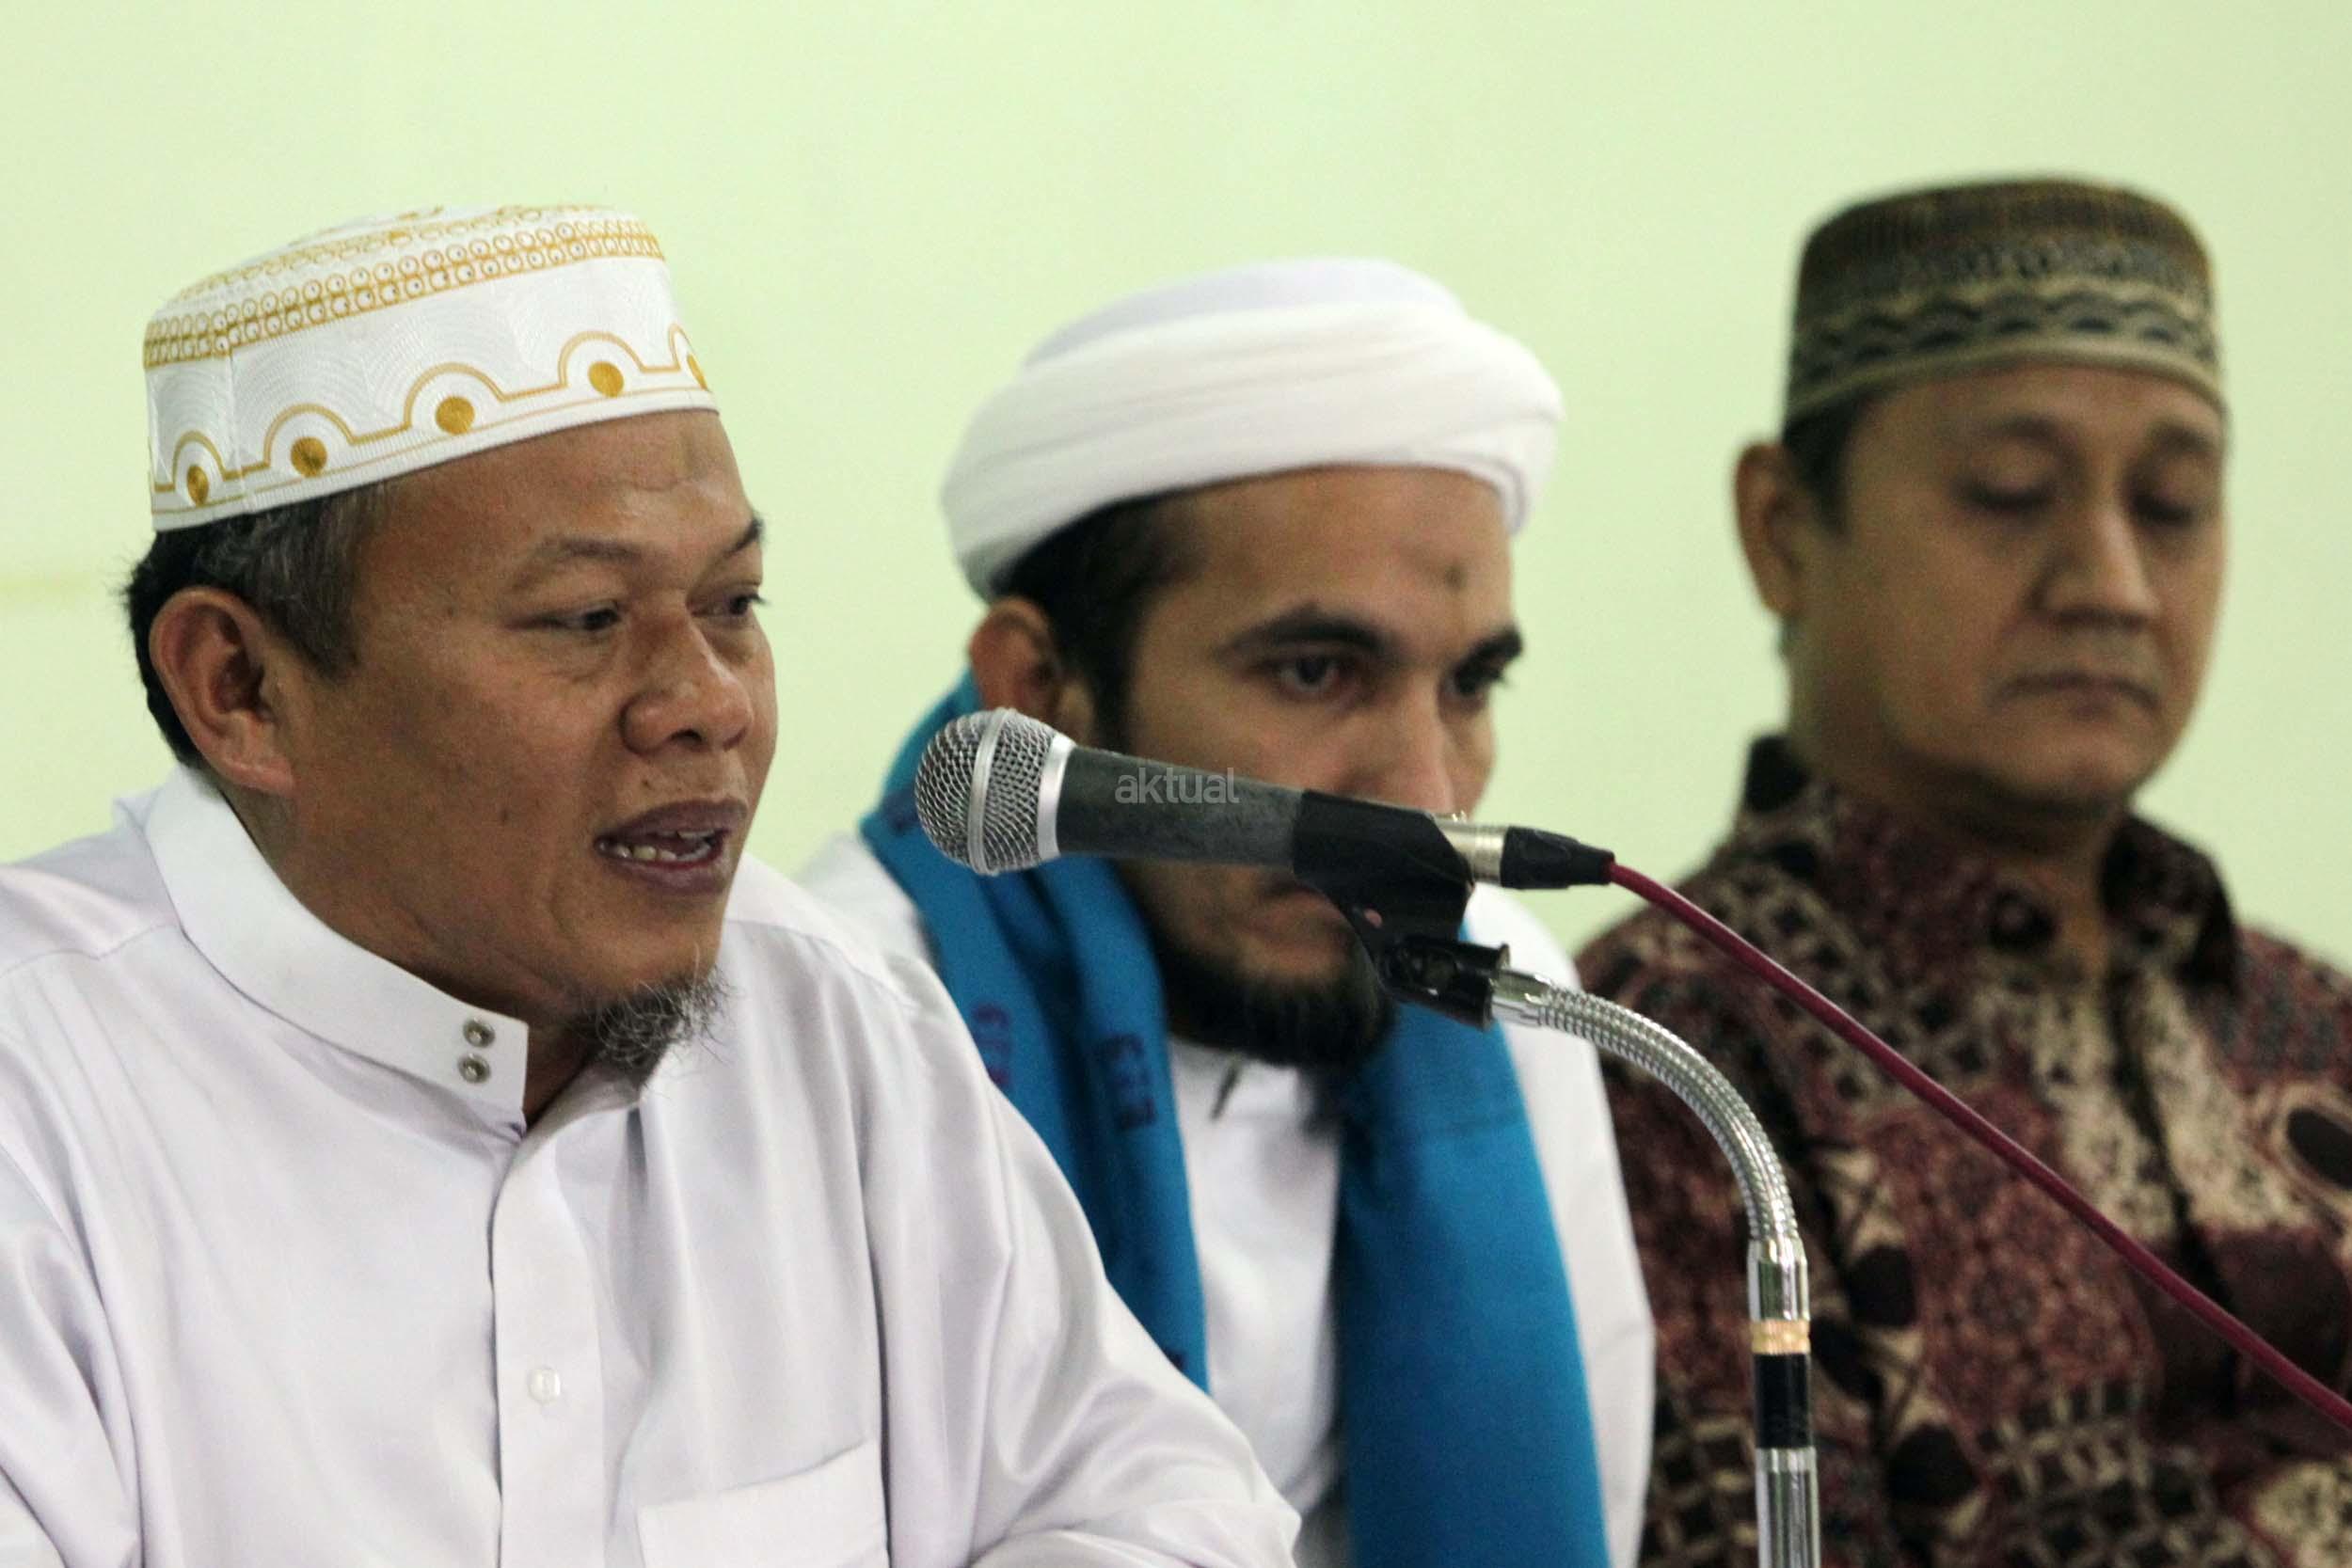 Wakil DPR Ini Minta Polisi Hentikan Kasus Habib Rizieq dan Muhammad Khathath